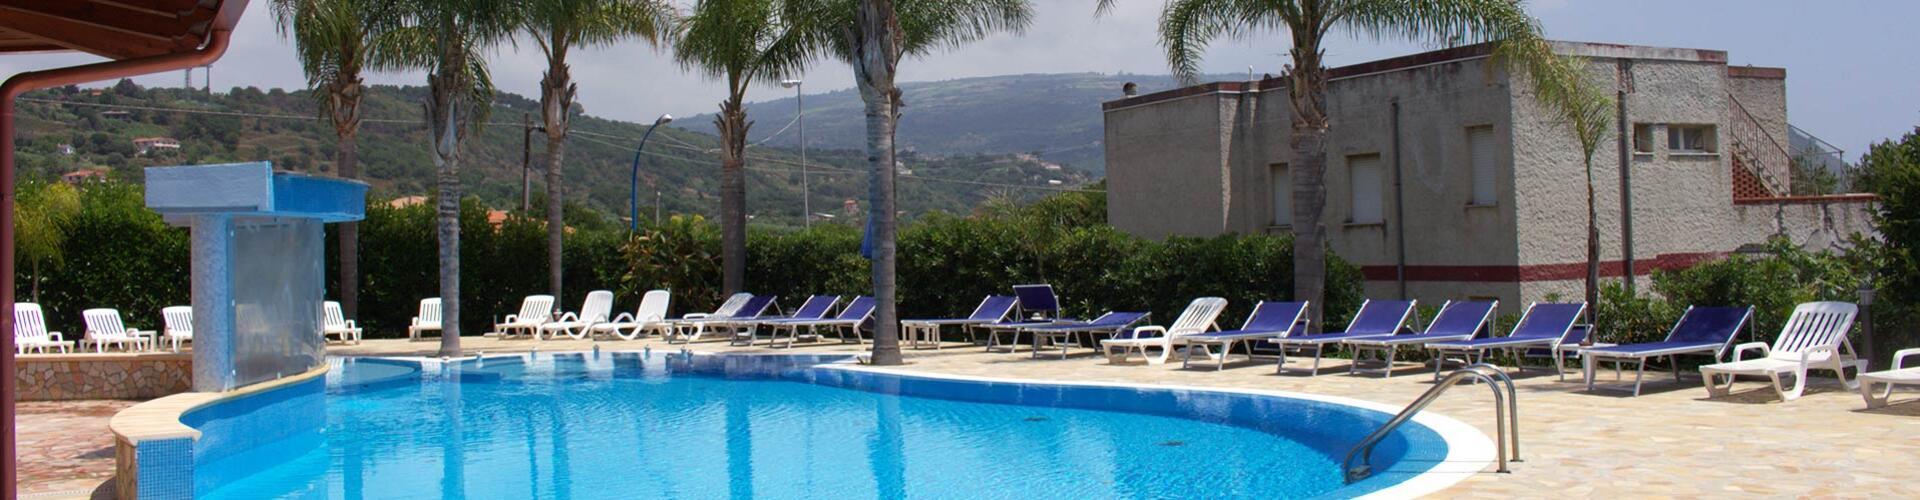 residencelataverna it piscina 003